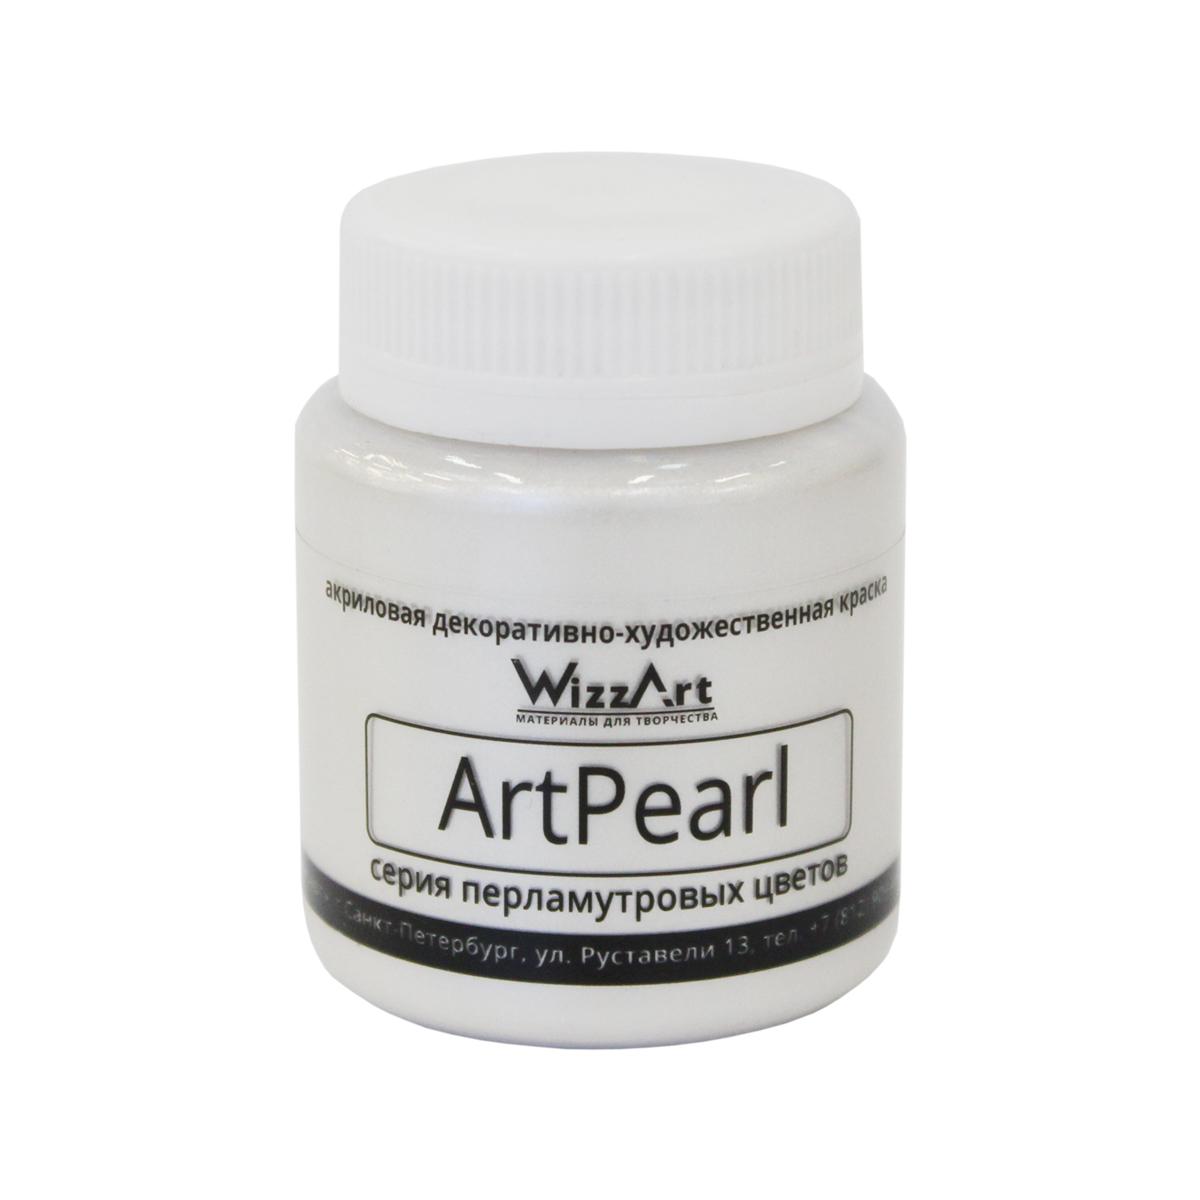 Краска акриловая Wizzart ArtPearl, цвет: белый, 80 мл501038Линейка акриловых красок WizzArt под названием ArtPearl- это широкий ассортимент перламутровых оттенков. Эффект перламутра помогает создать красивейшие рисунки и замечательный декор. Перламутровая акриловая краска быстро высыхает, прочно держится, создает ровную и гладкую поверхность, которая красиво переливается на свету. Ее мягкое сияние придаст изюминку любому произведению декоративно-прикладного искусства. Все краски WizzArt отлично совместимы между собой, что открывает широкие горизонты для реализации творческих идей. Ими можно декорировать посуду, открытки, рамки для фото, подарочные коробки, зеркала, елочные игрушки. Акриловые краски WizzArt обладают равномерной текстурой, отлично ложатся на любую обезжиренную поверхность и надежно держатся на ней после высыхания, надолго сохраняя яркость цвета и эластичность. Данные краски не содержат токсичных веществ и не имеют сильного запаха.Объем: 80 мл.Товар сертифицирован.